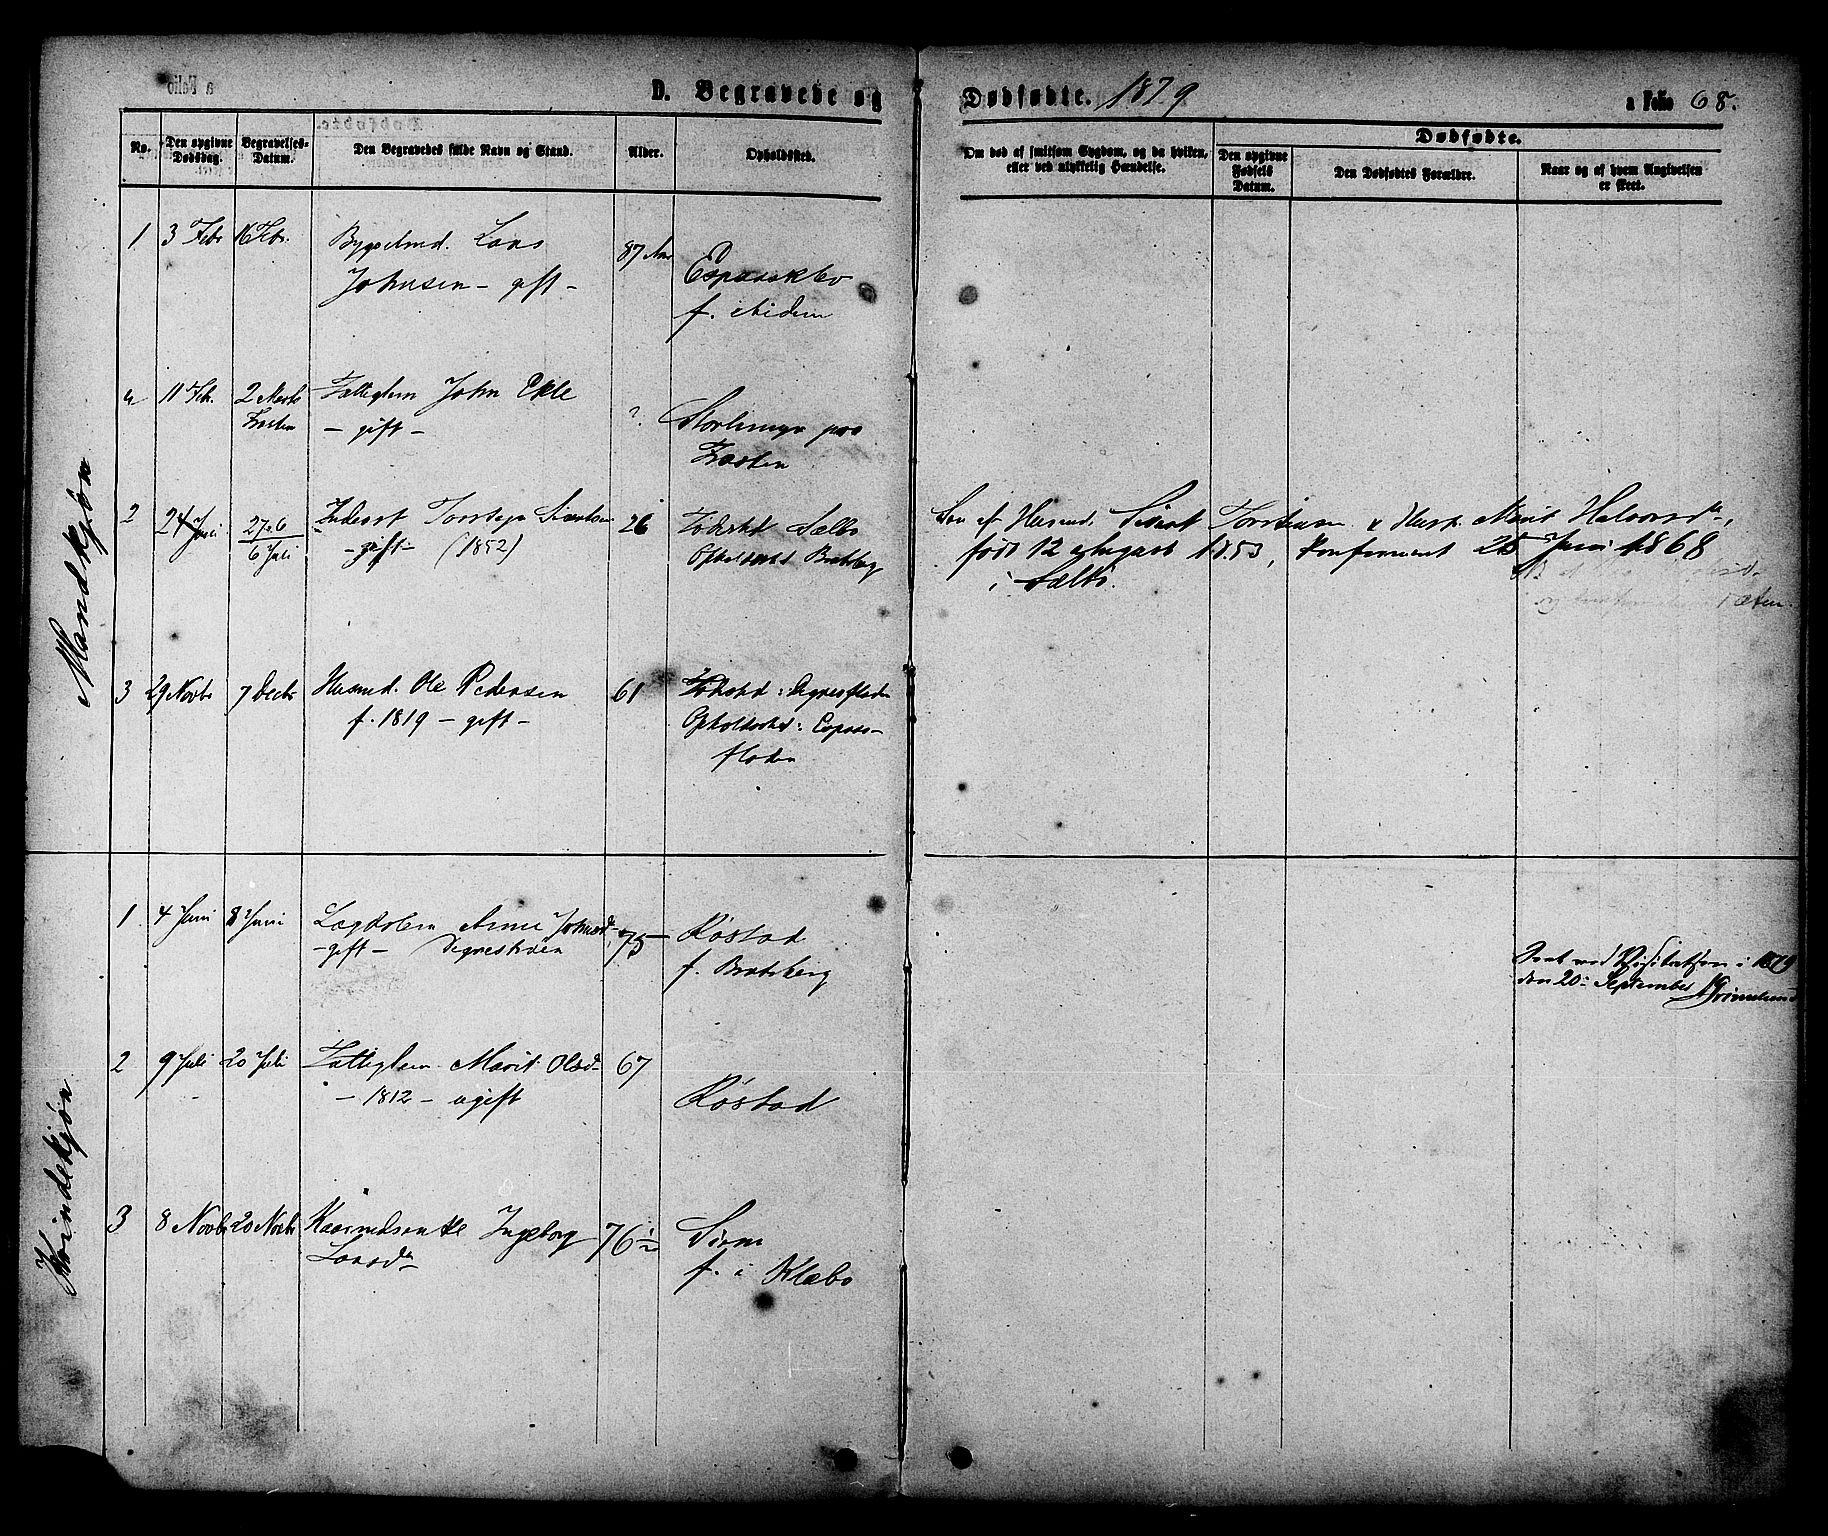 SAT, Ministerialprotokoller, klokkerbøker og fødselsregistre - Sør-Trøndelag, 608/L0334: Ministerialbok nr. 608A03, 1877-1886, s. 68